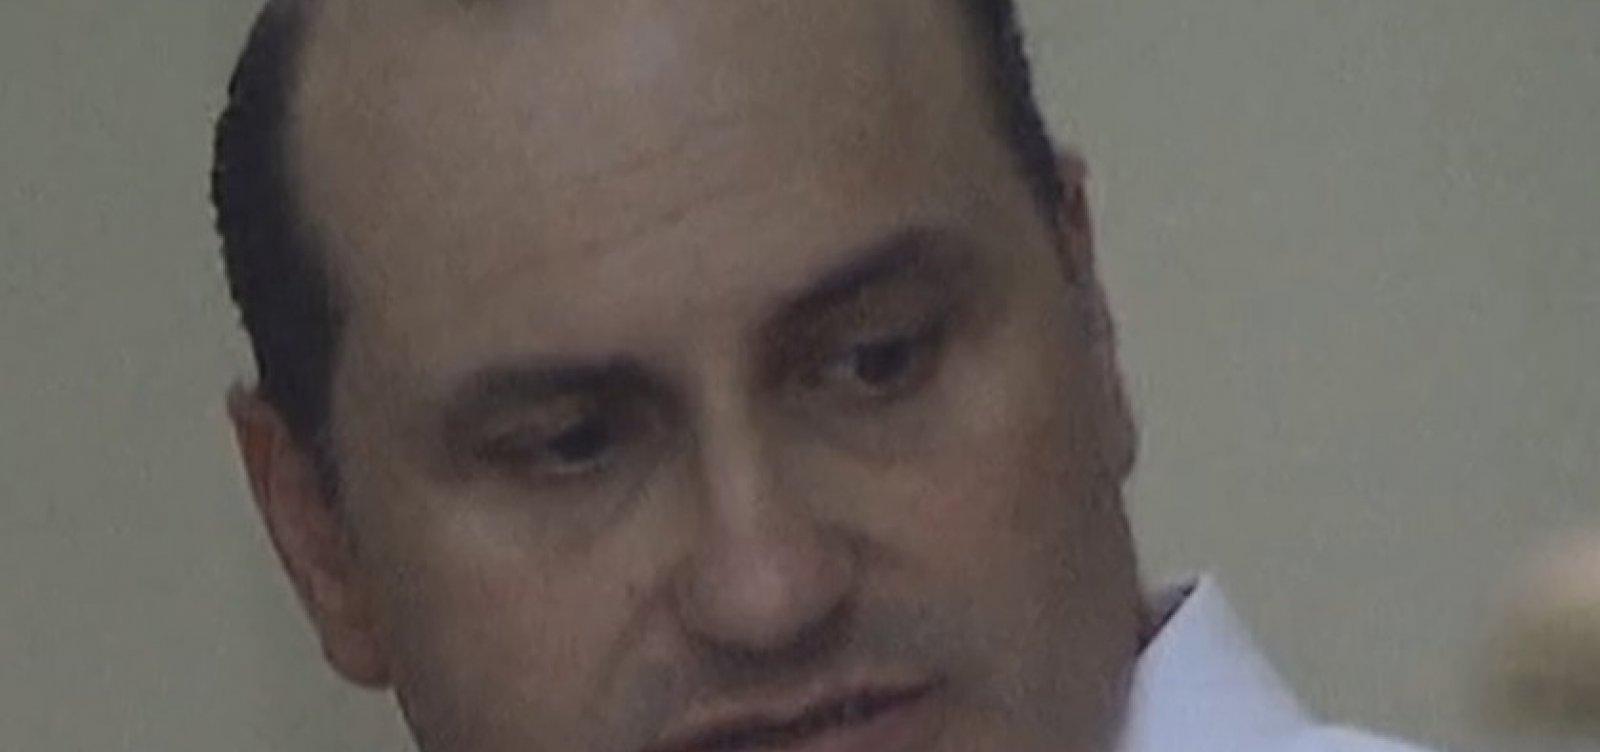 [Herdeiro da OAS sofre infarto durante audiência em Curitiba]